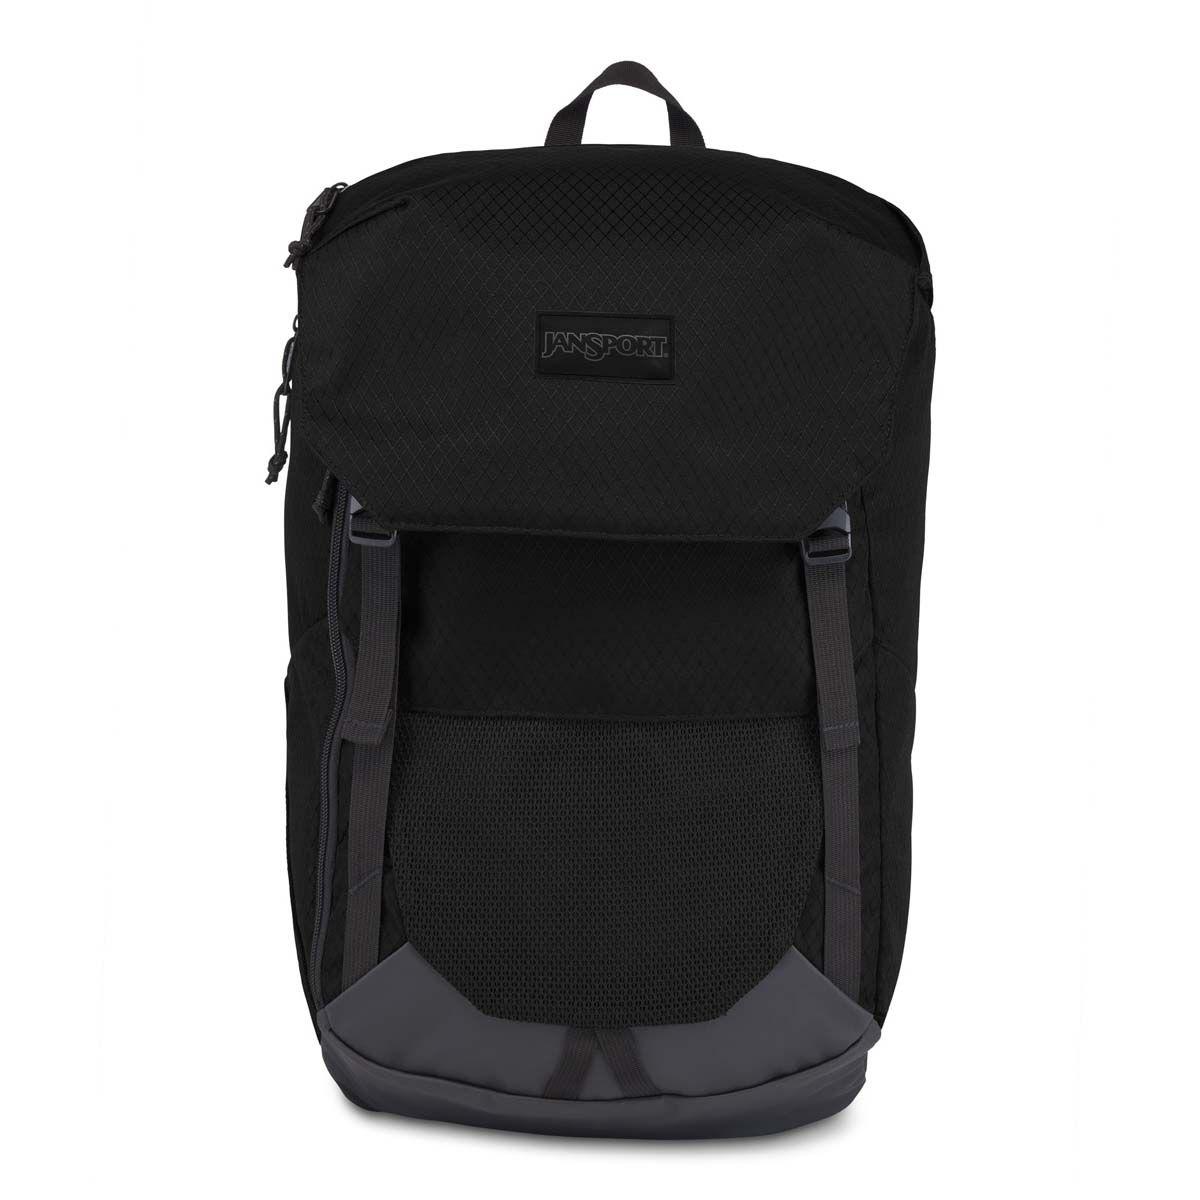 JanSport Seeker Backpack in Black Top